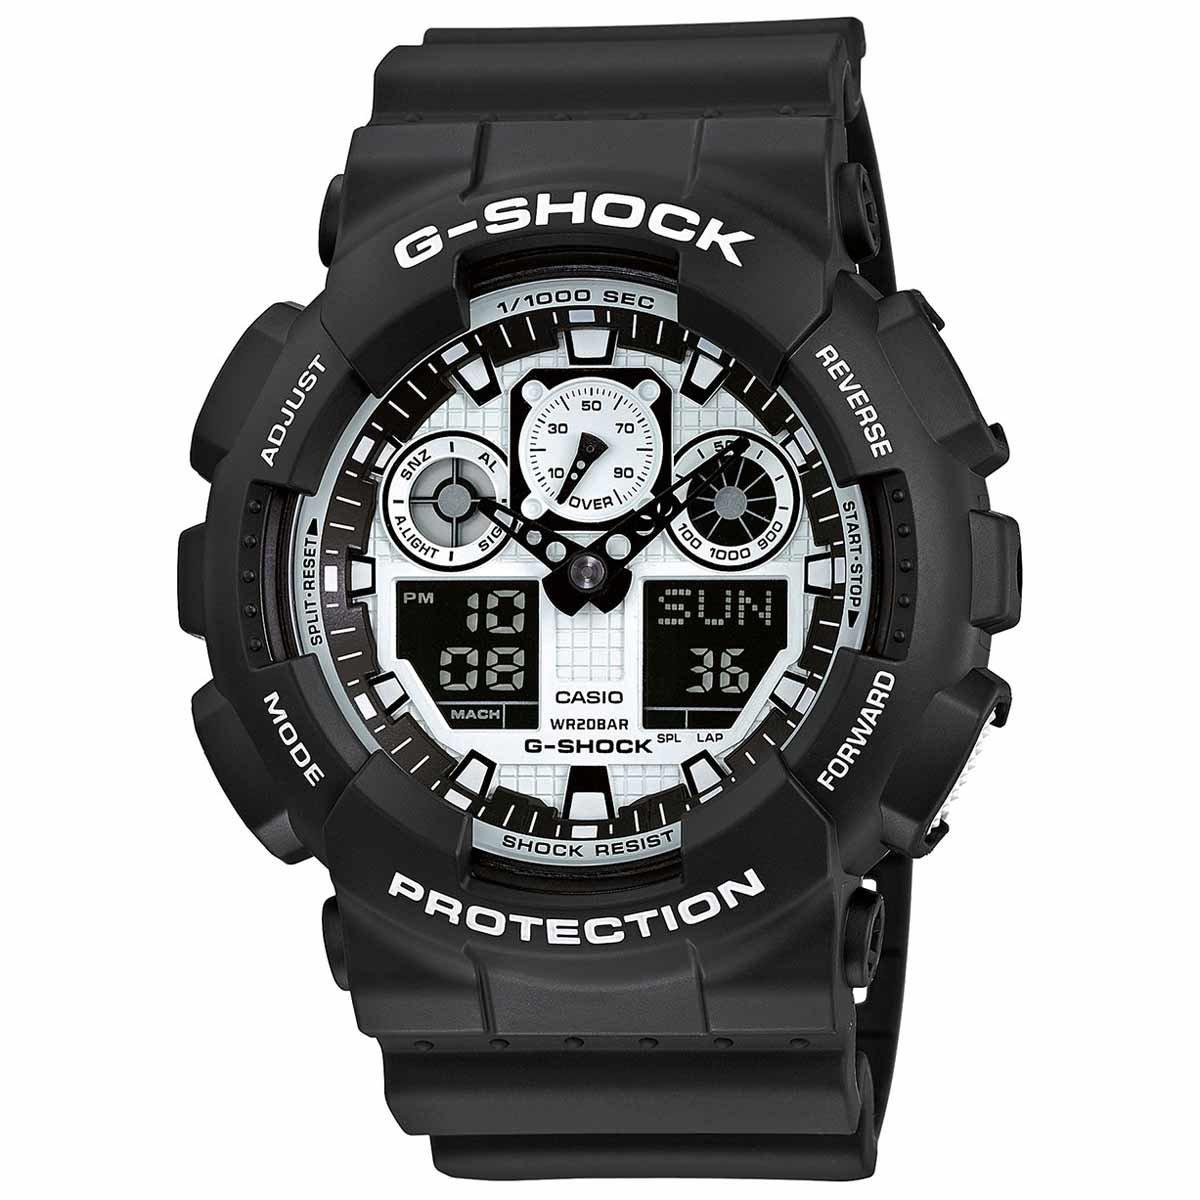 Часы наручные мужские Casio G-Shock, цвет: черный, белый. GA-100BW-1AGA-100BW-1AМногофункциональные мужские часы Casio G-Shock, выполнены из минерального стекла, металлического сплава и полимерного материала. Корпус часов оформлен символикой бренда. Часы оснащены ударопрочным корпусом с электронно-механическим механизмом, имеют степень влагозащиты равную 20 atm, а также дополнены устойчивым к царапинам минеральным стеклом. Браслет часов оснащен застежкой-пряжкой, которая позволит с легкостью снимать и надевать изделие. Корпус часов дополнен мощной светодиодной подсветкой. Дополнительные функции: таймер, будильник, функция повтора будильника, секундомер, функция мирового времени, автоматический календарь, отображение времени в 12-часовом или 24-часовом формате. Часы поставляются в фирменной упаковке. Многофункциональные часы Casio G-Shock подчеркнут отменное чувство стиля своего обладателя.